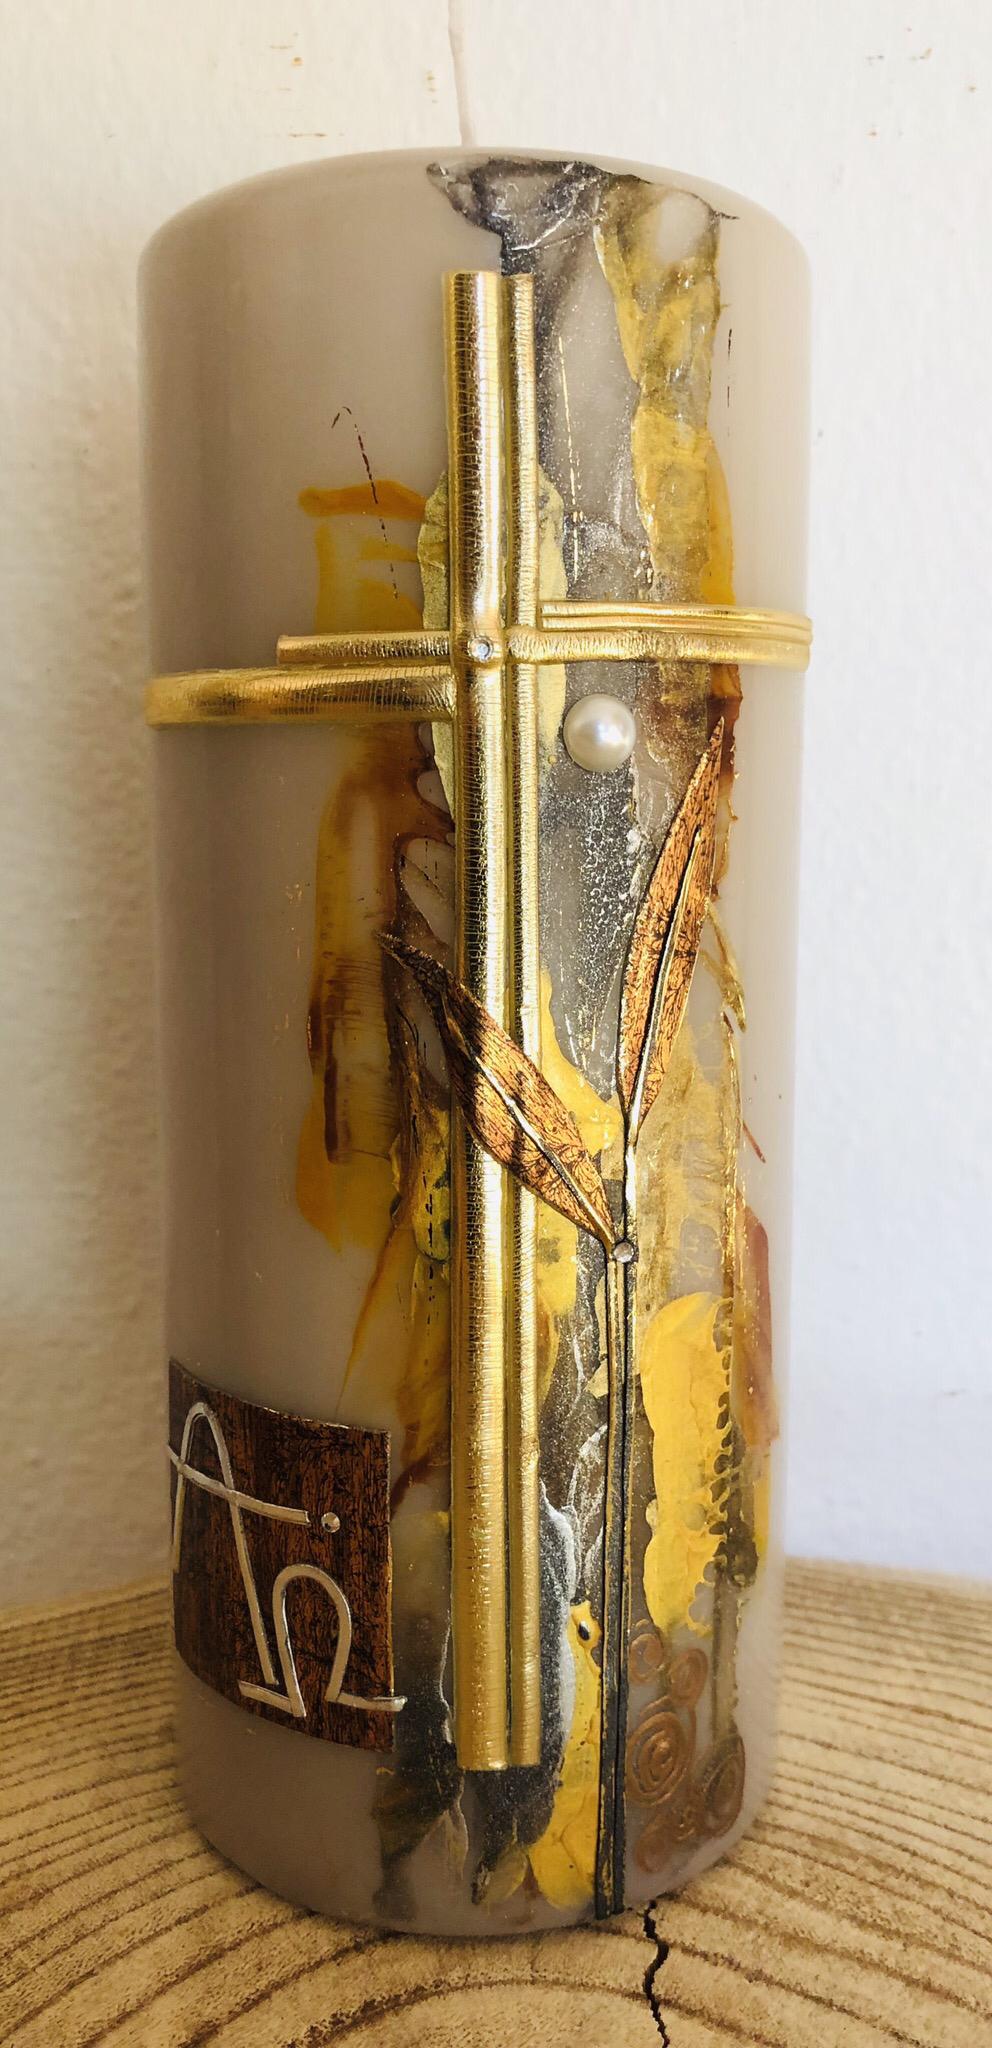 Trauer Kerze Encaustic Braun/Grau/Goldtöne mit Kreuz, Perlen und Swarovskikristallen